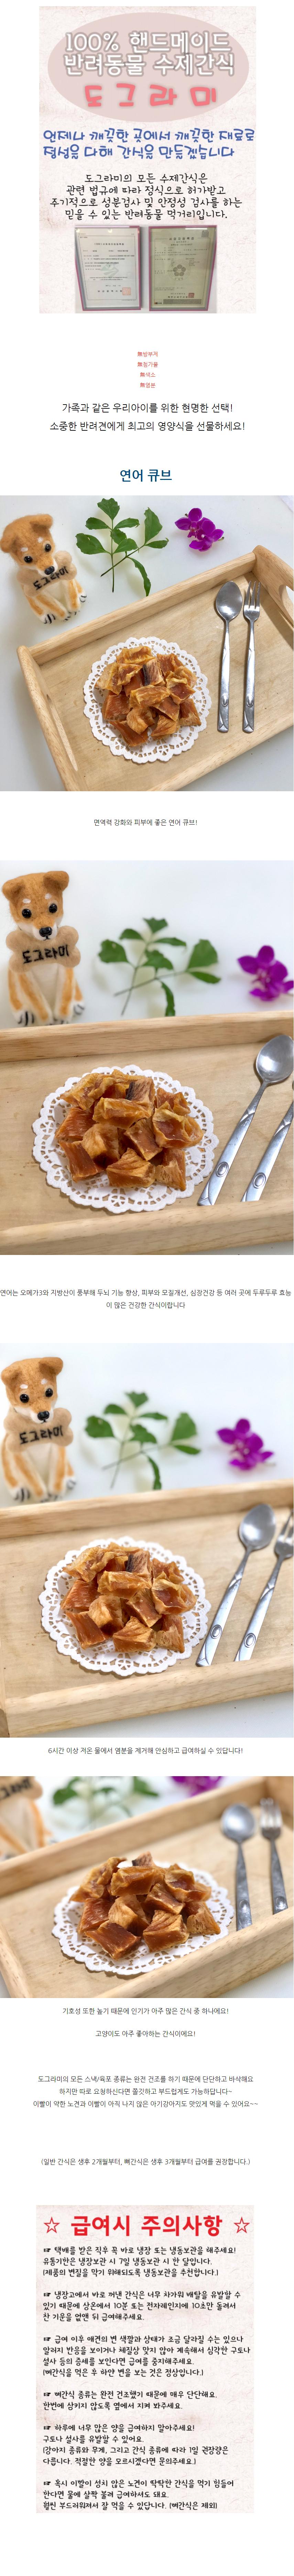 도그라미 강아지 수제간식 연어큐브 40g - 도그라미, 8,000원, 간식/영양제, 수제간식